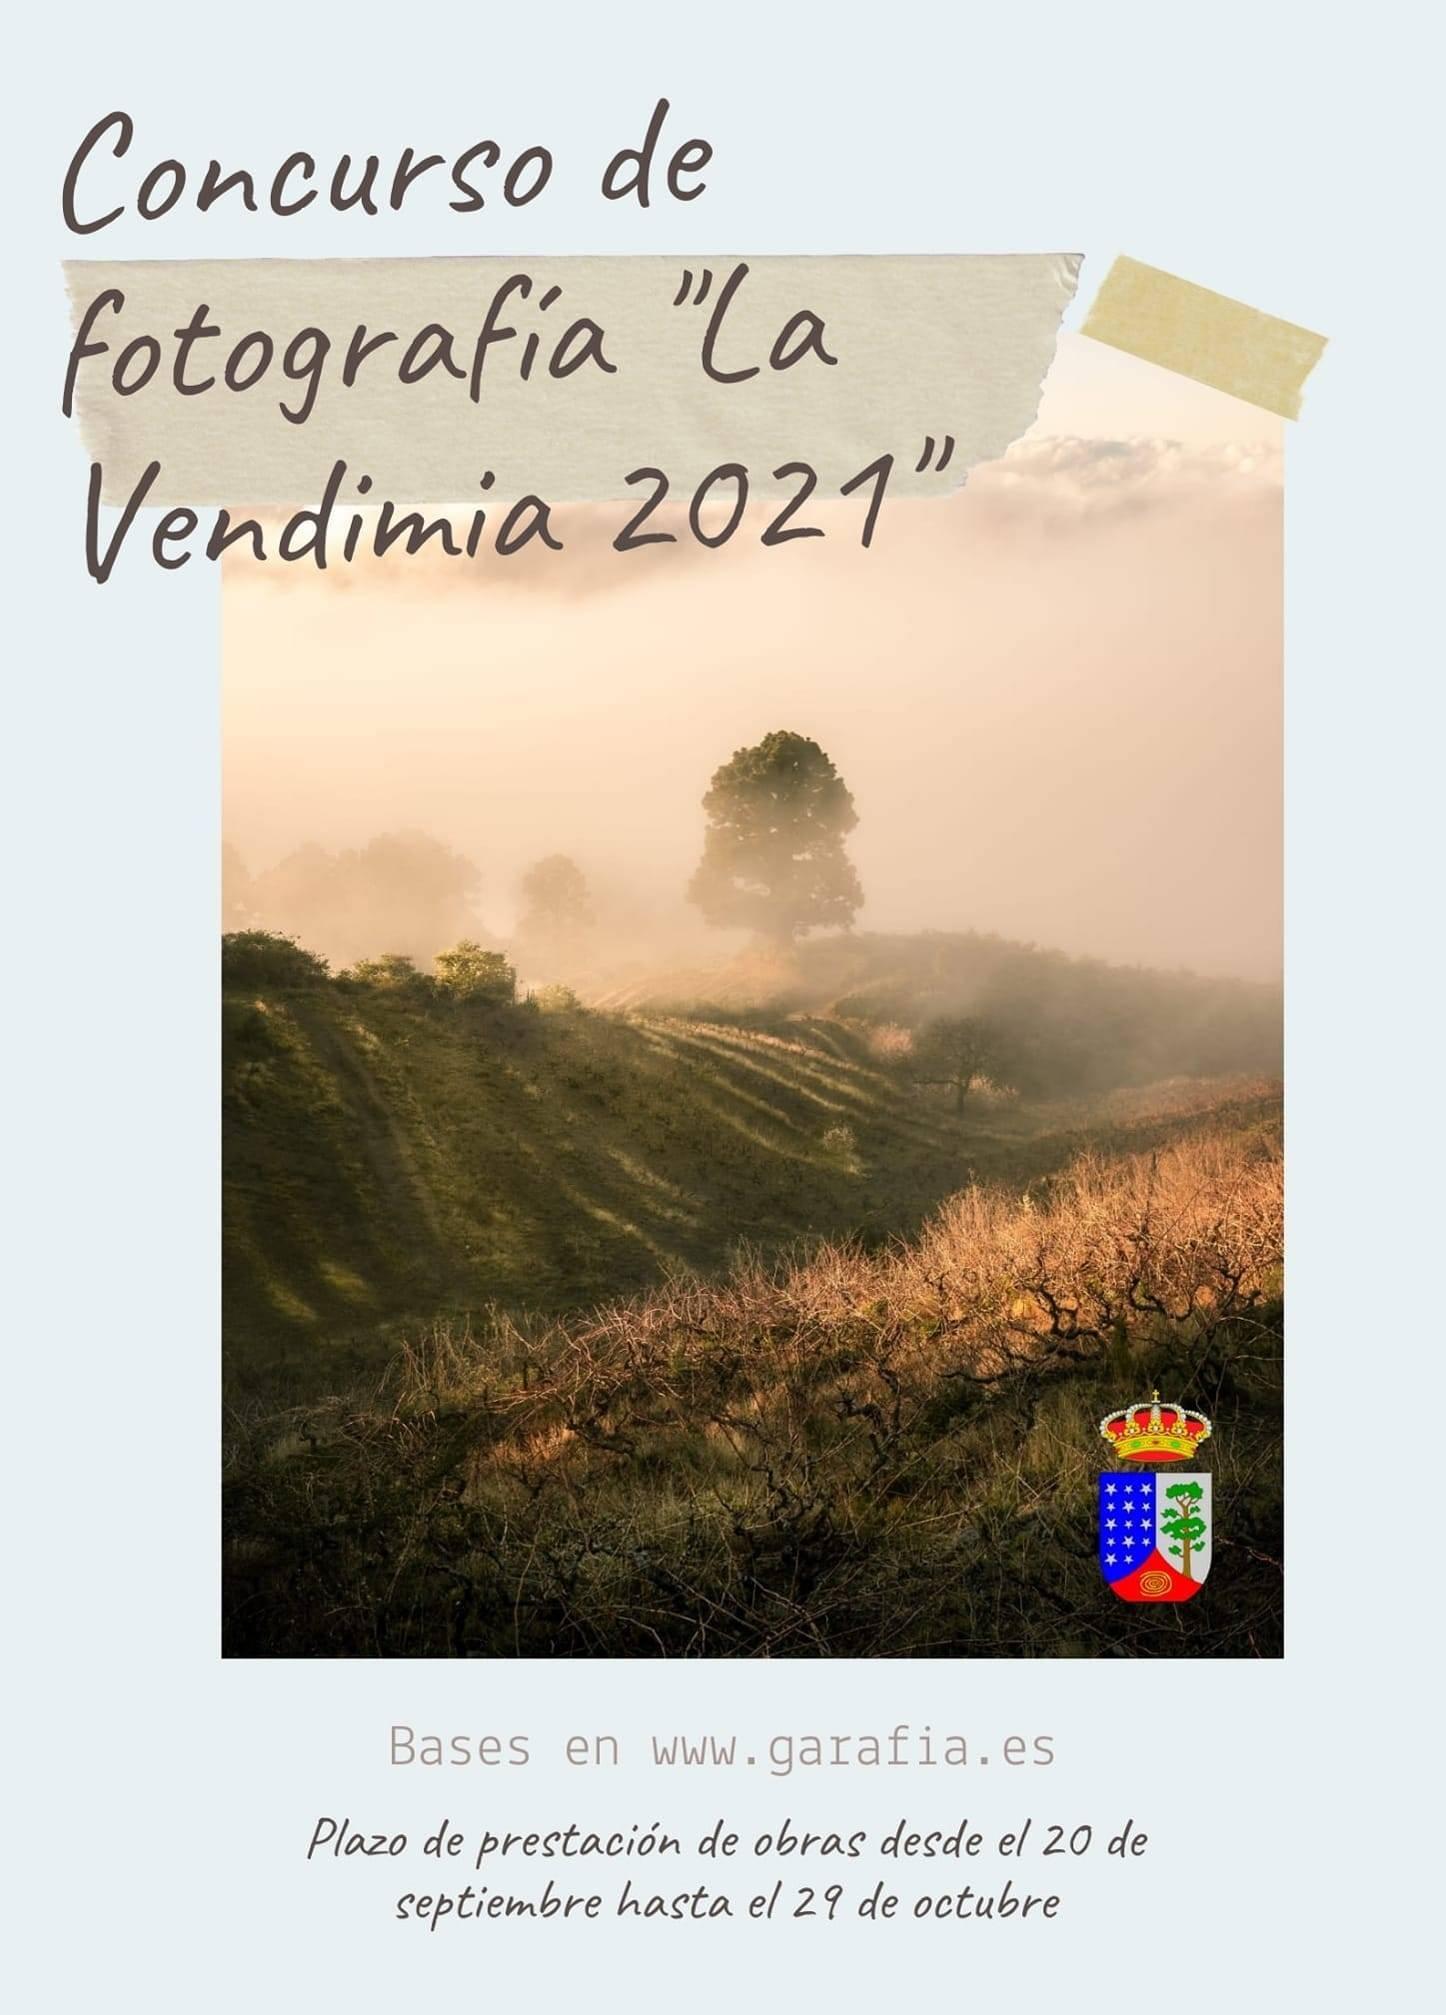 Concurso de fotografía 'La Vendimia' (2021) - Garafía (Santa Cruz de Tenerife)